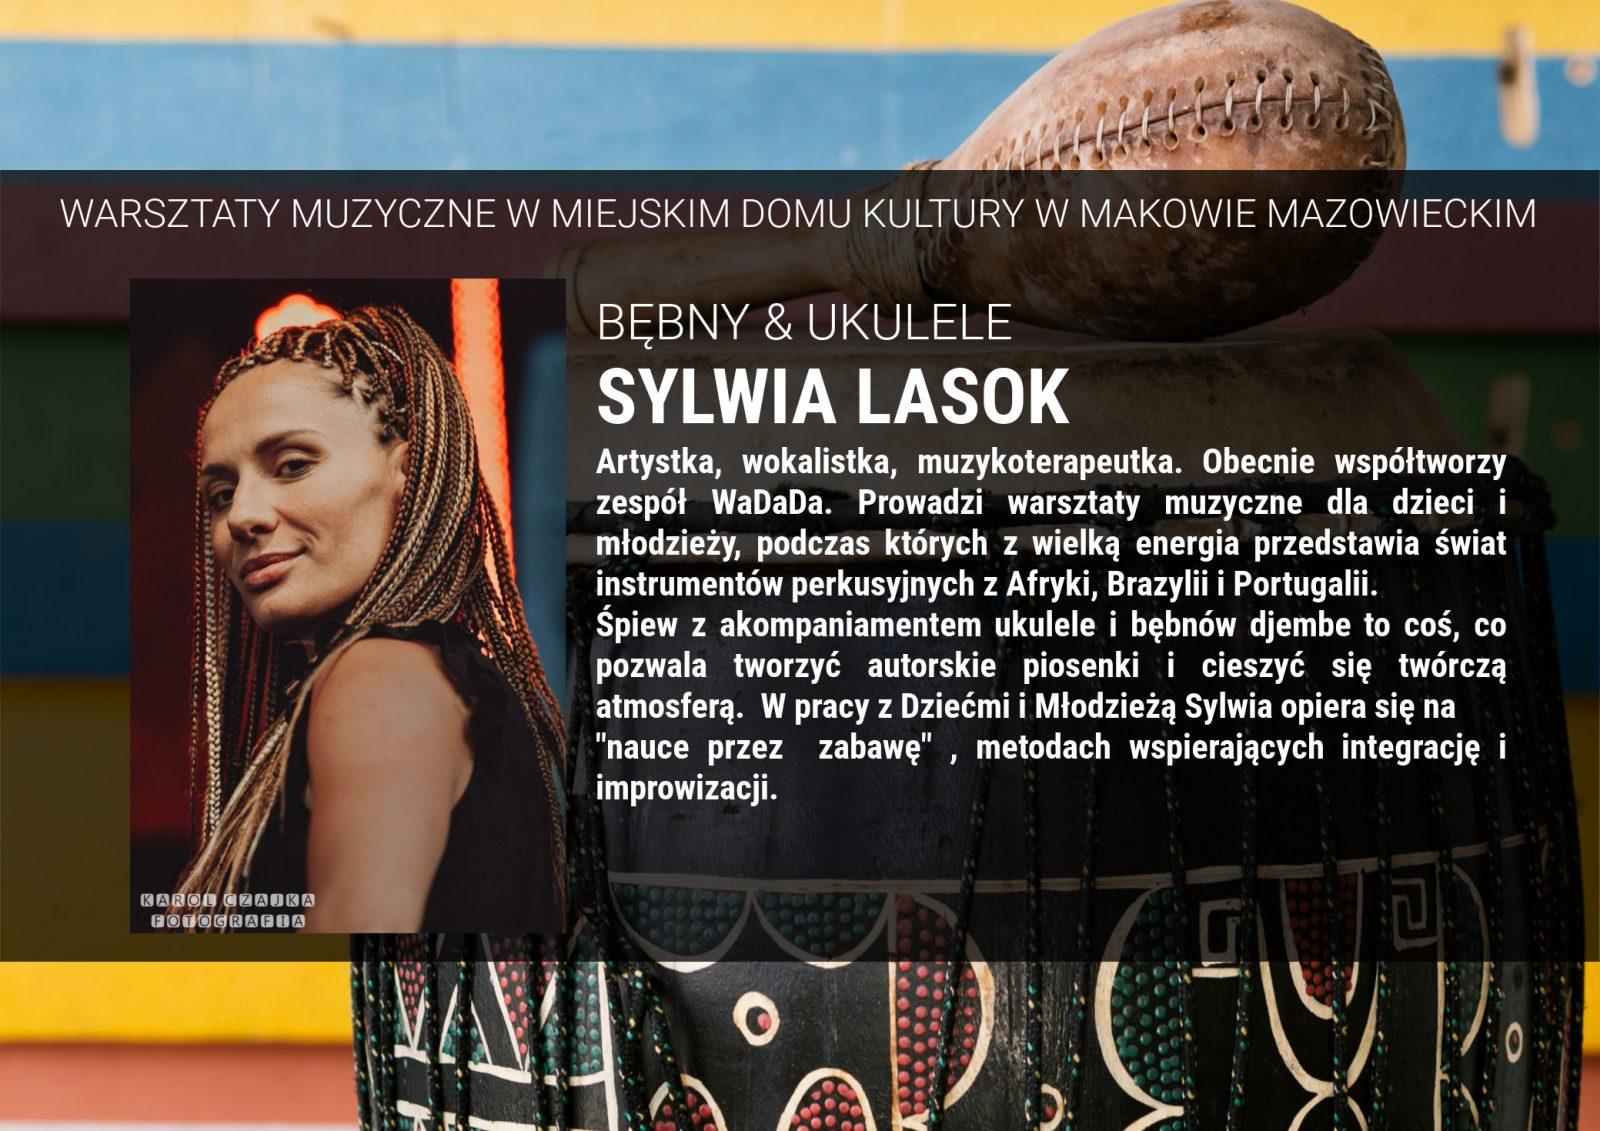 Informacja. Instruktor Sylwia Lasok. Bębny i Ukulele